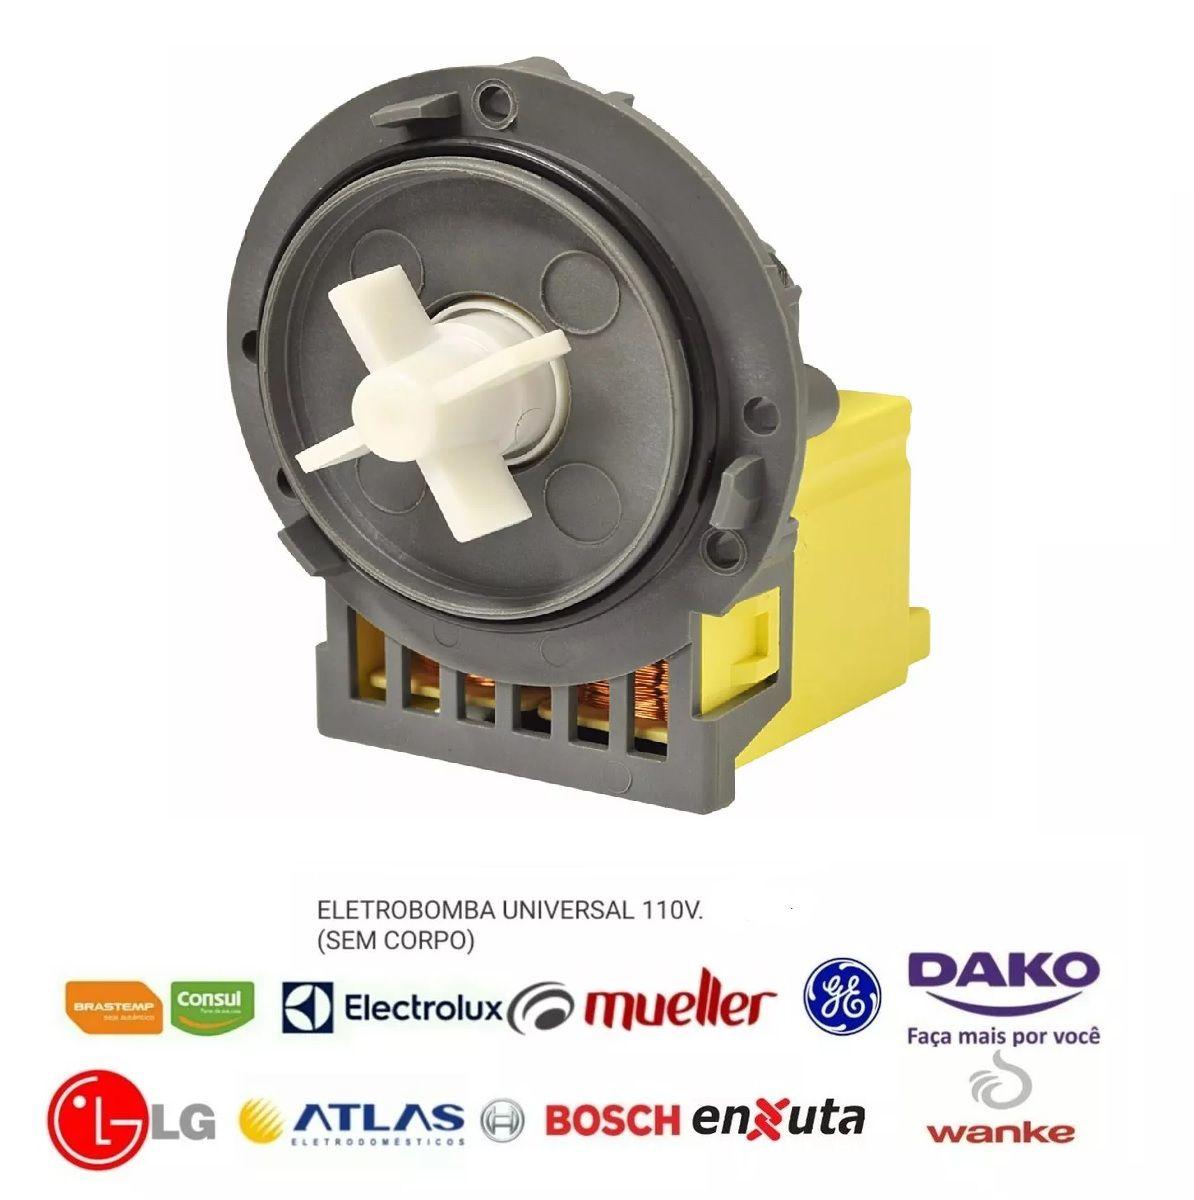 Eletro Bomba Brastemp Universal Sem Copo 110v